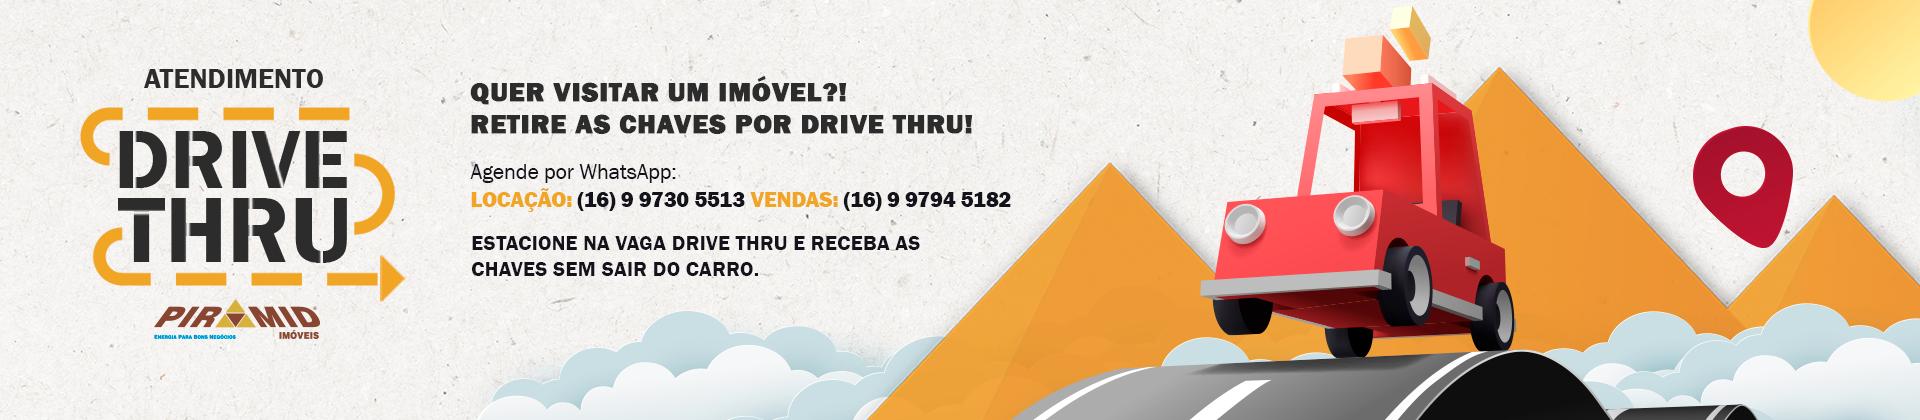 Drive Trhu